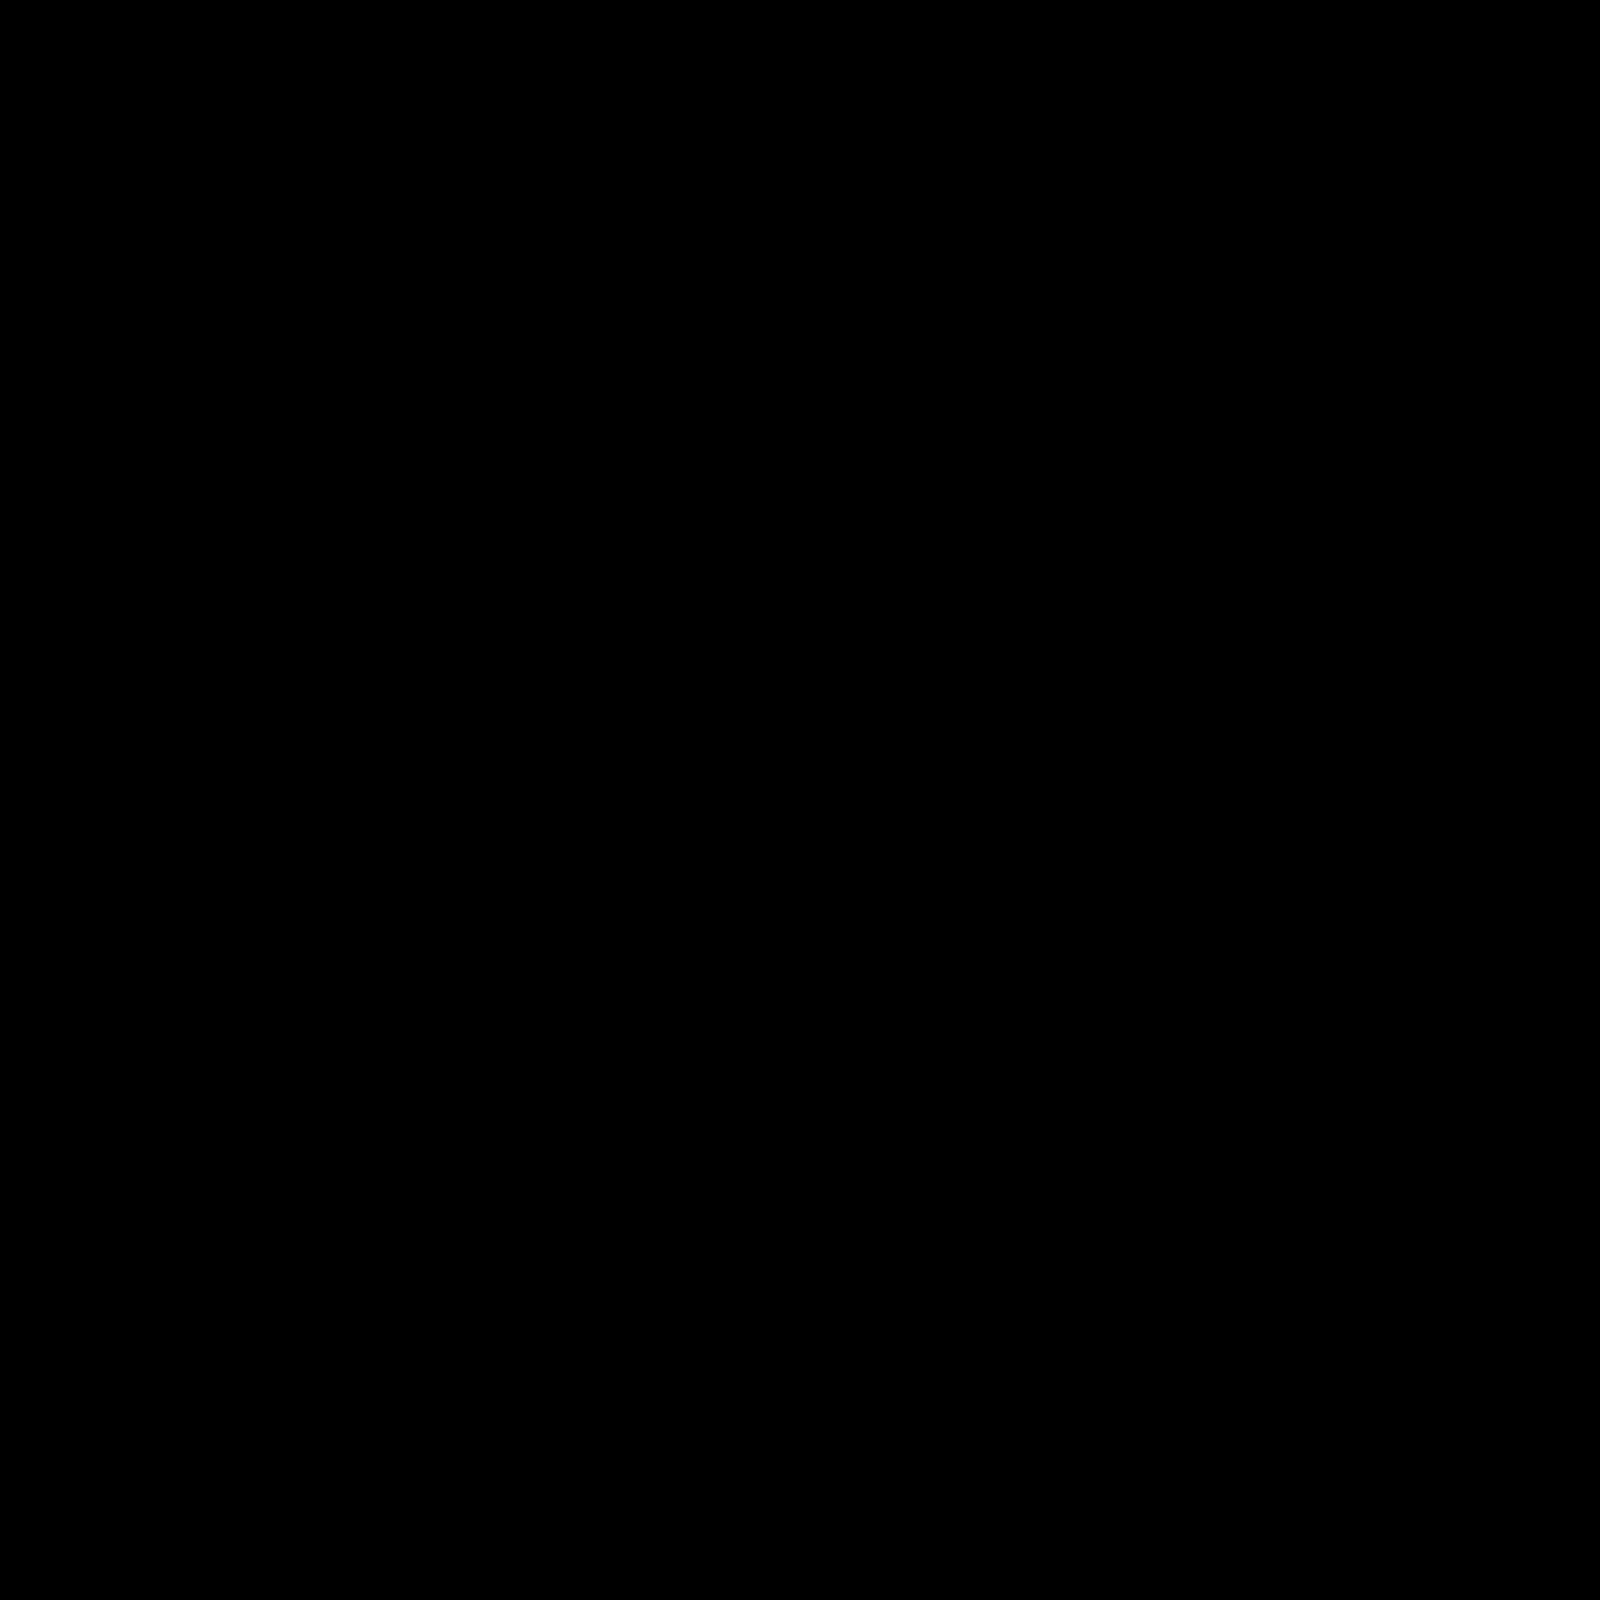 Gremlin 2 icon